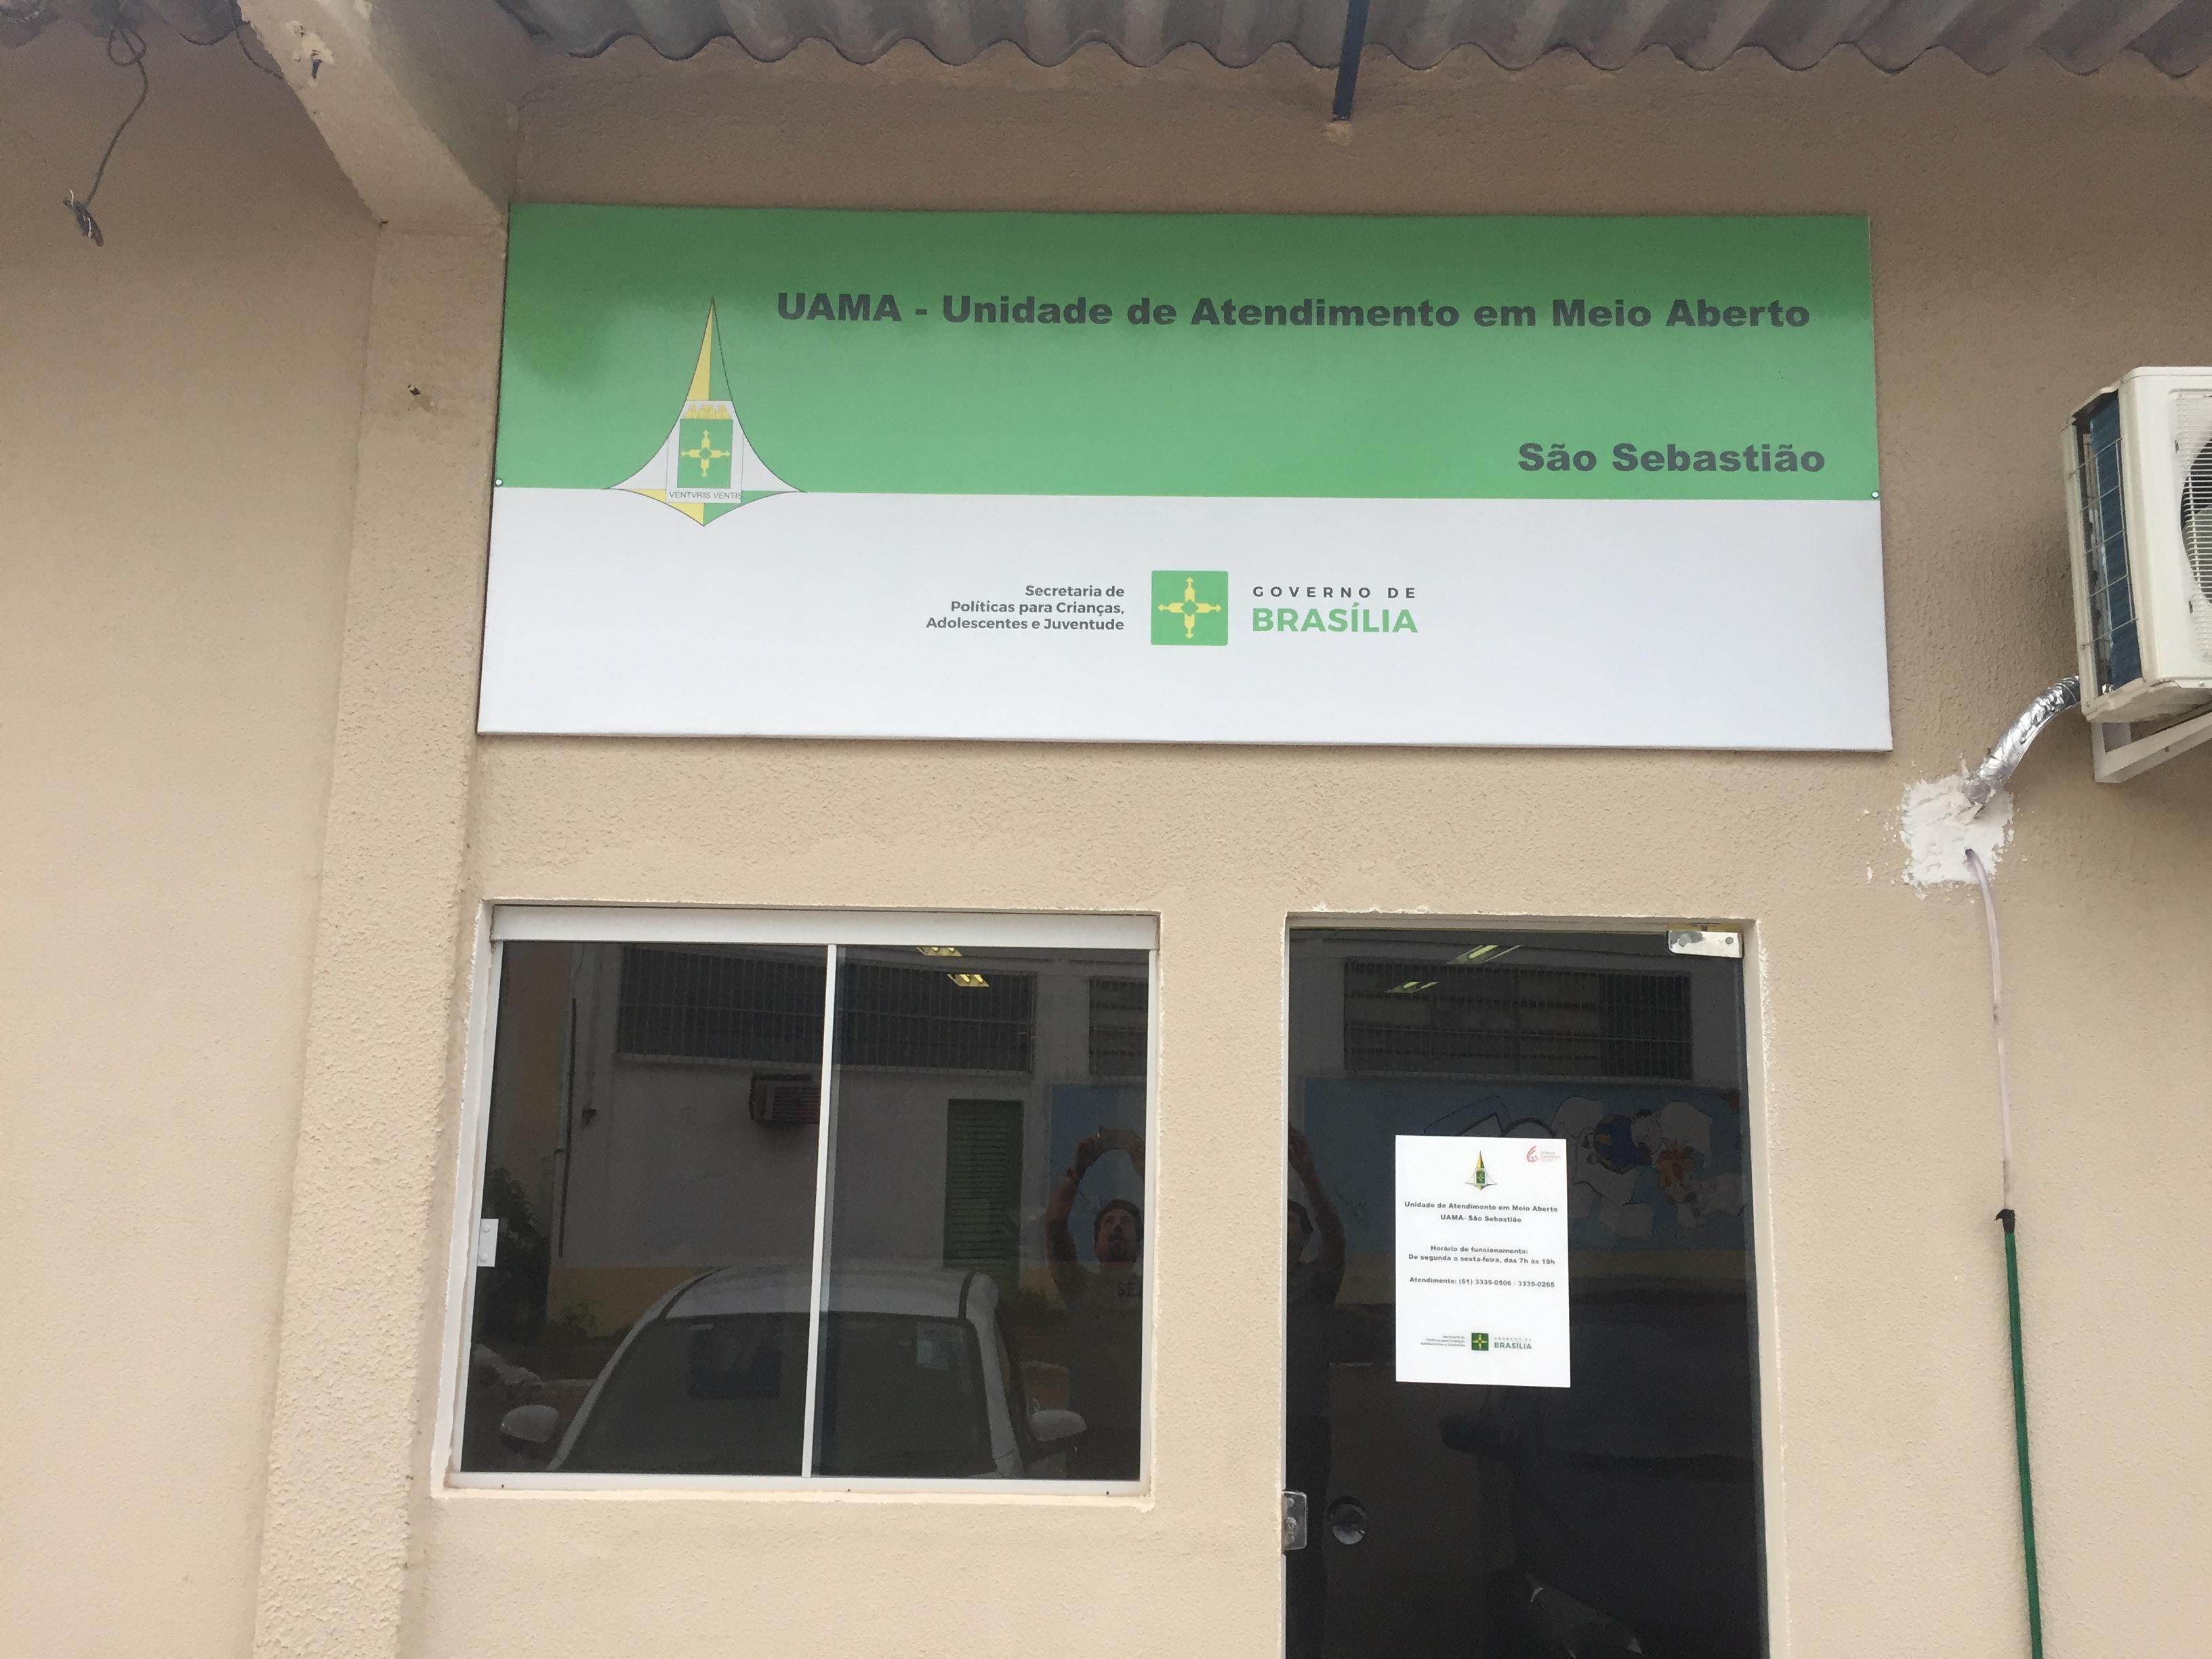 Reformada a Unidade de Meio Aberto - Uama de São Sebastião, localizada na Quadra 101 S/Nº Res. Oeste - Administração de São Sebastião.